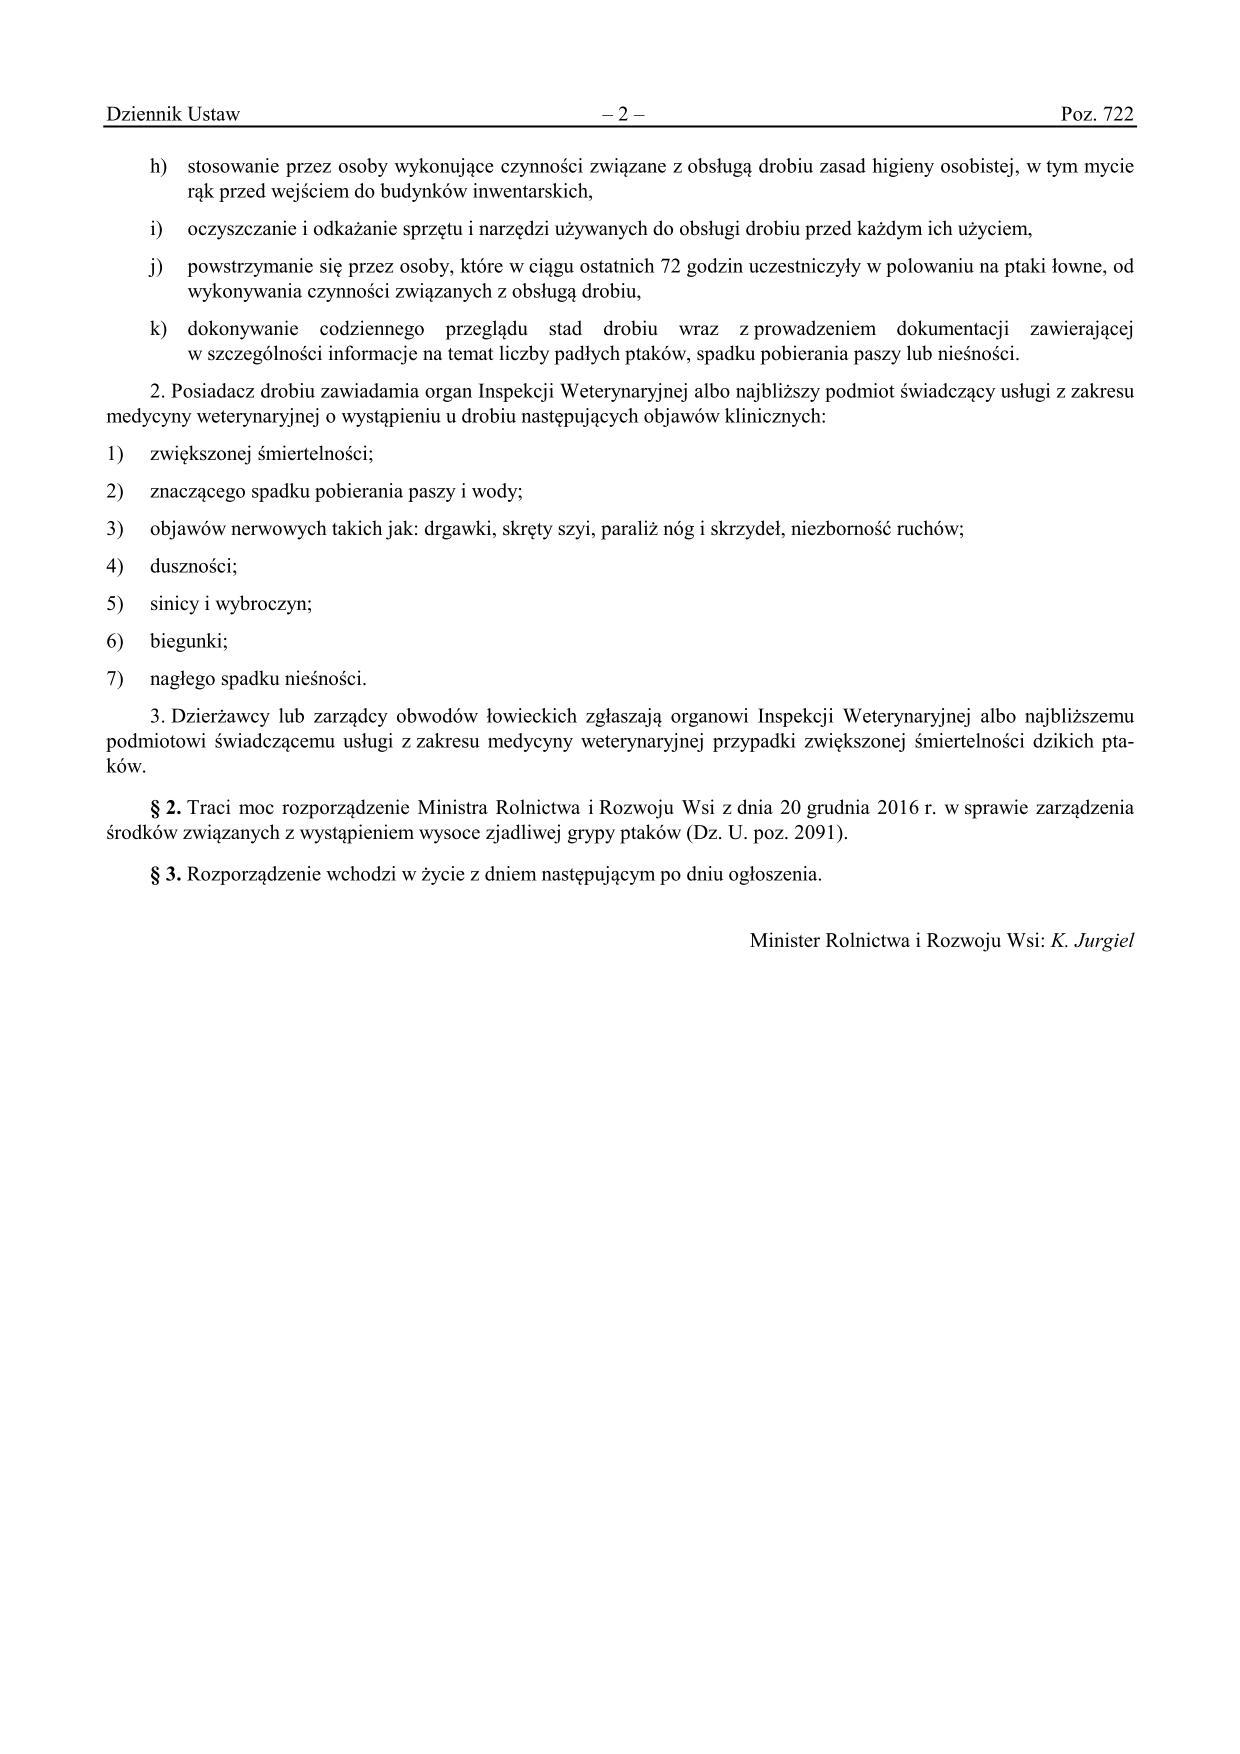 rozp. z dnia 4 kwietnia 2017 w sprawie zarządzenia środków związanych z wystąpieniem wysoce zjadliwej grypy ptaków_02